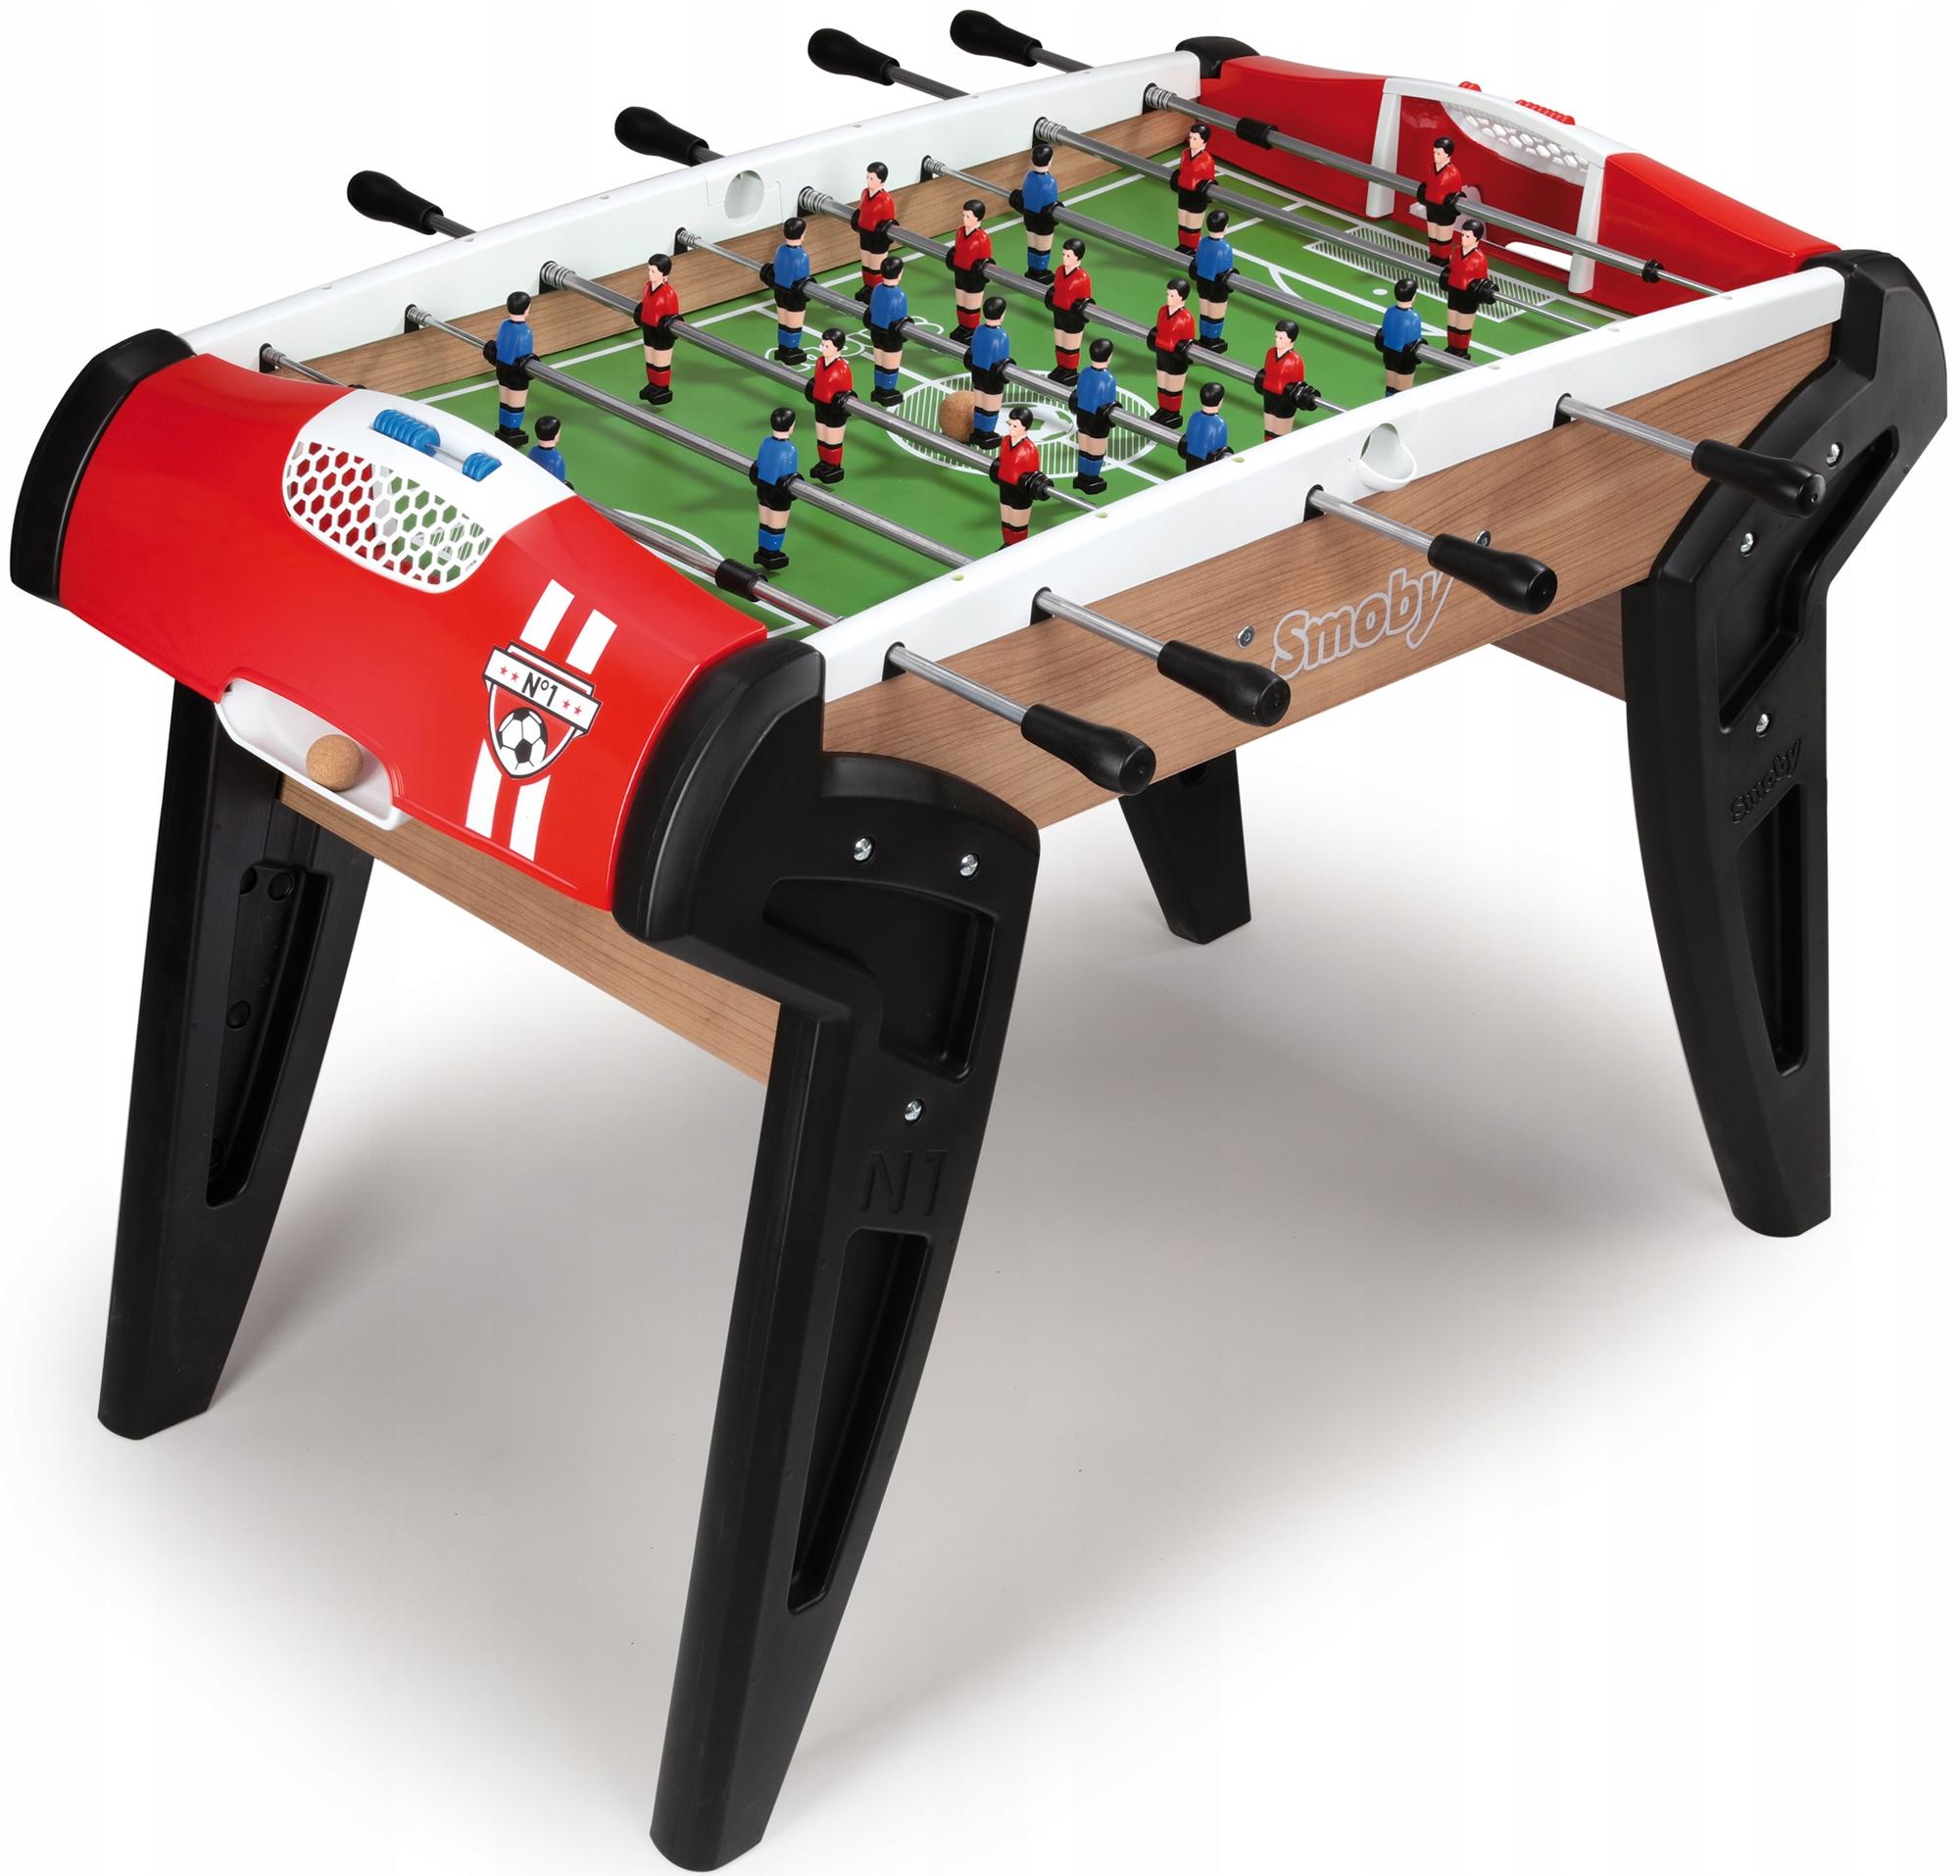 SMOBY veľký futbalový stôl tabuľka no 1 hra